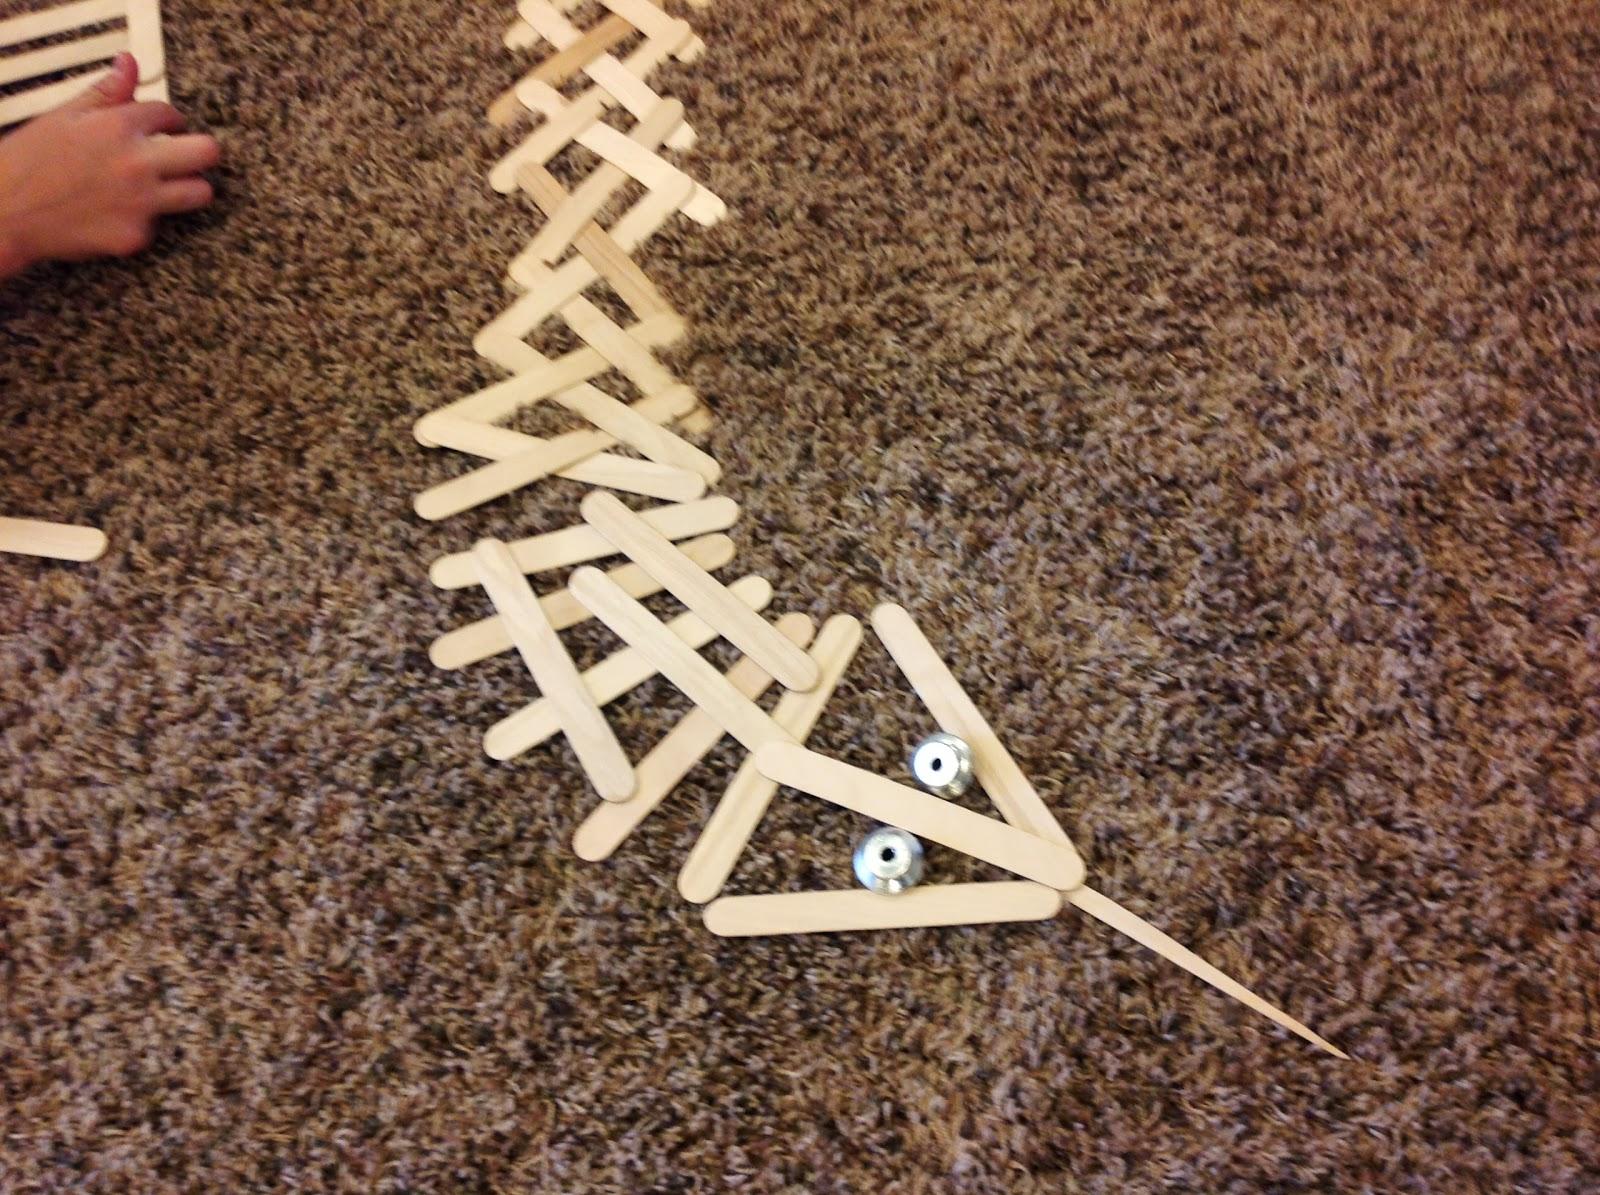 Puddle Wonderful Learning Exploding Popsicle Sticks